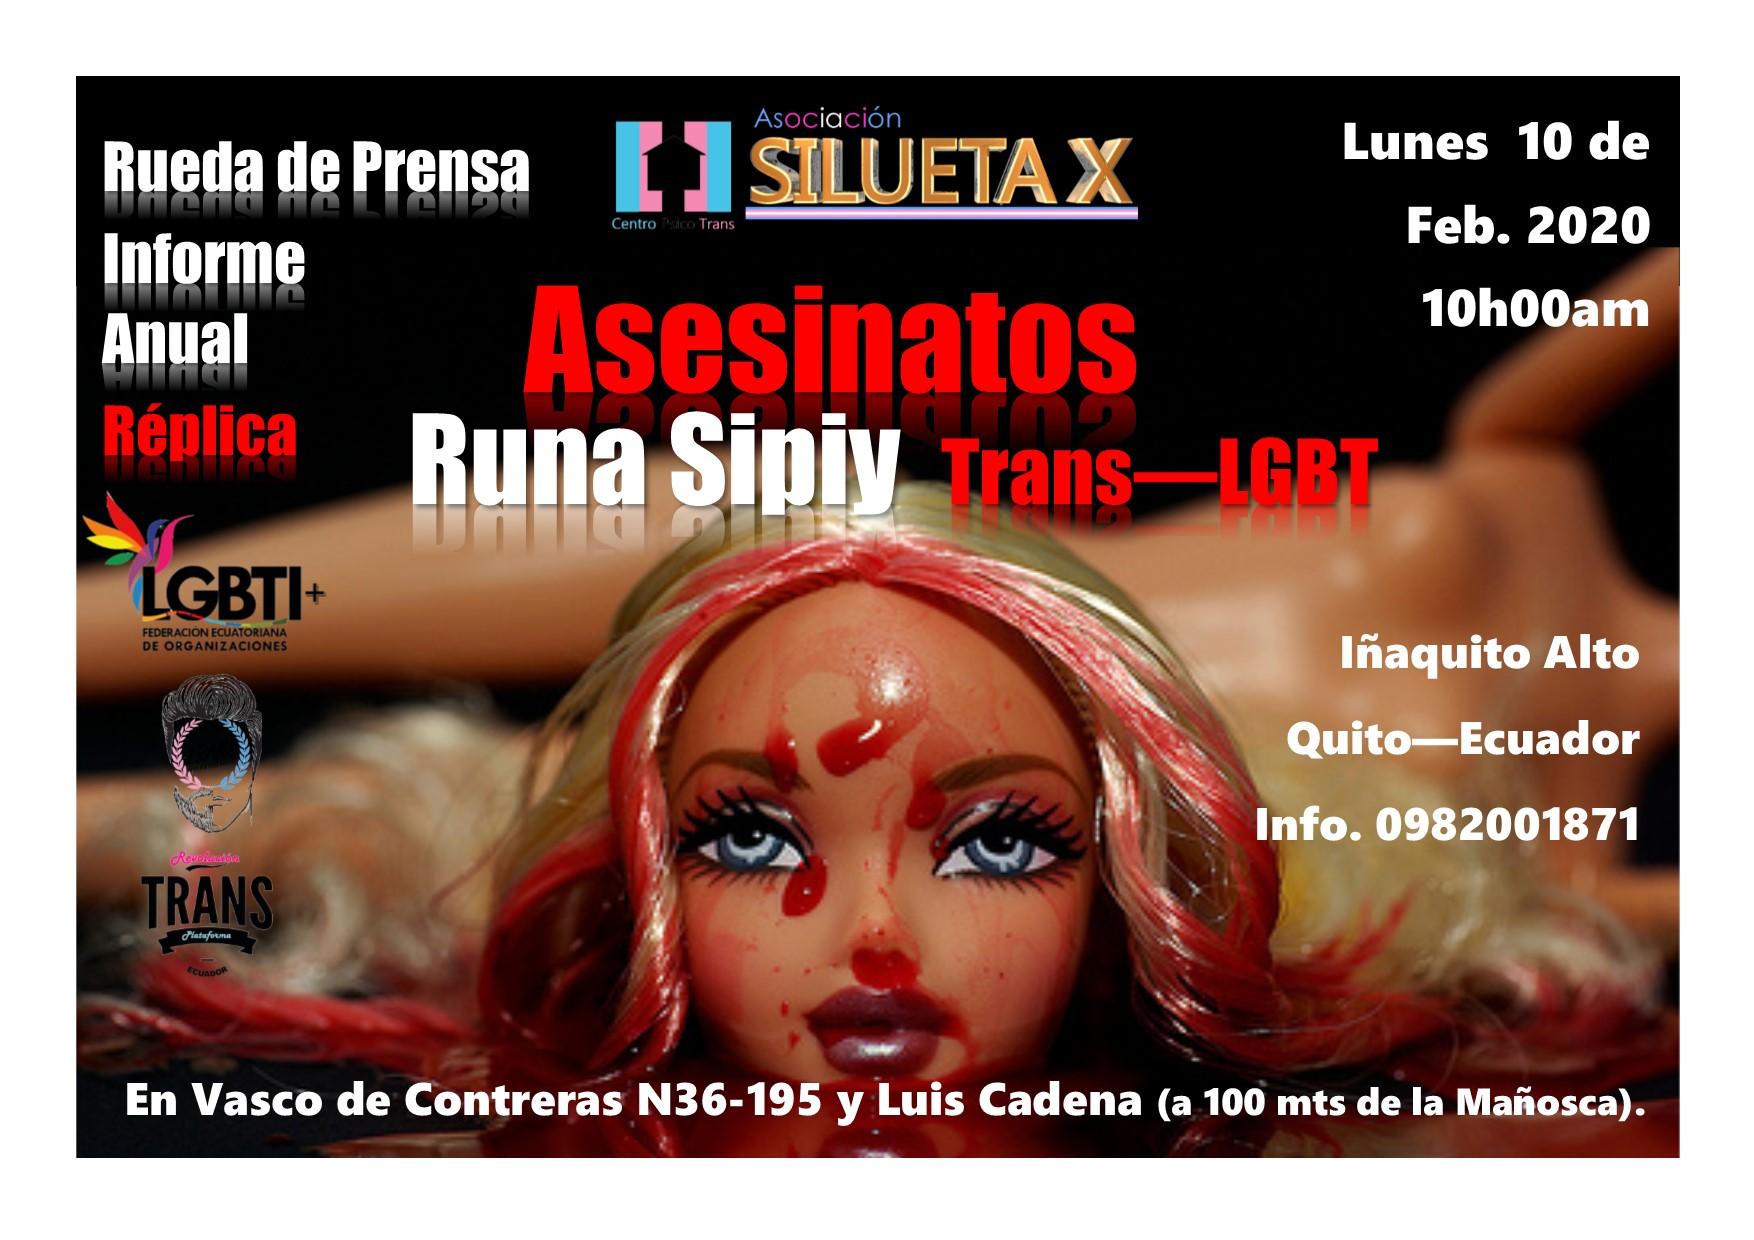 Flyer presentación informe Runa Sipiy Quito - Asesinatos Trans LGBT - Centro Psico Trans Asociación Silueta X